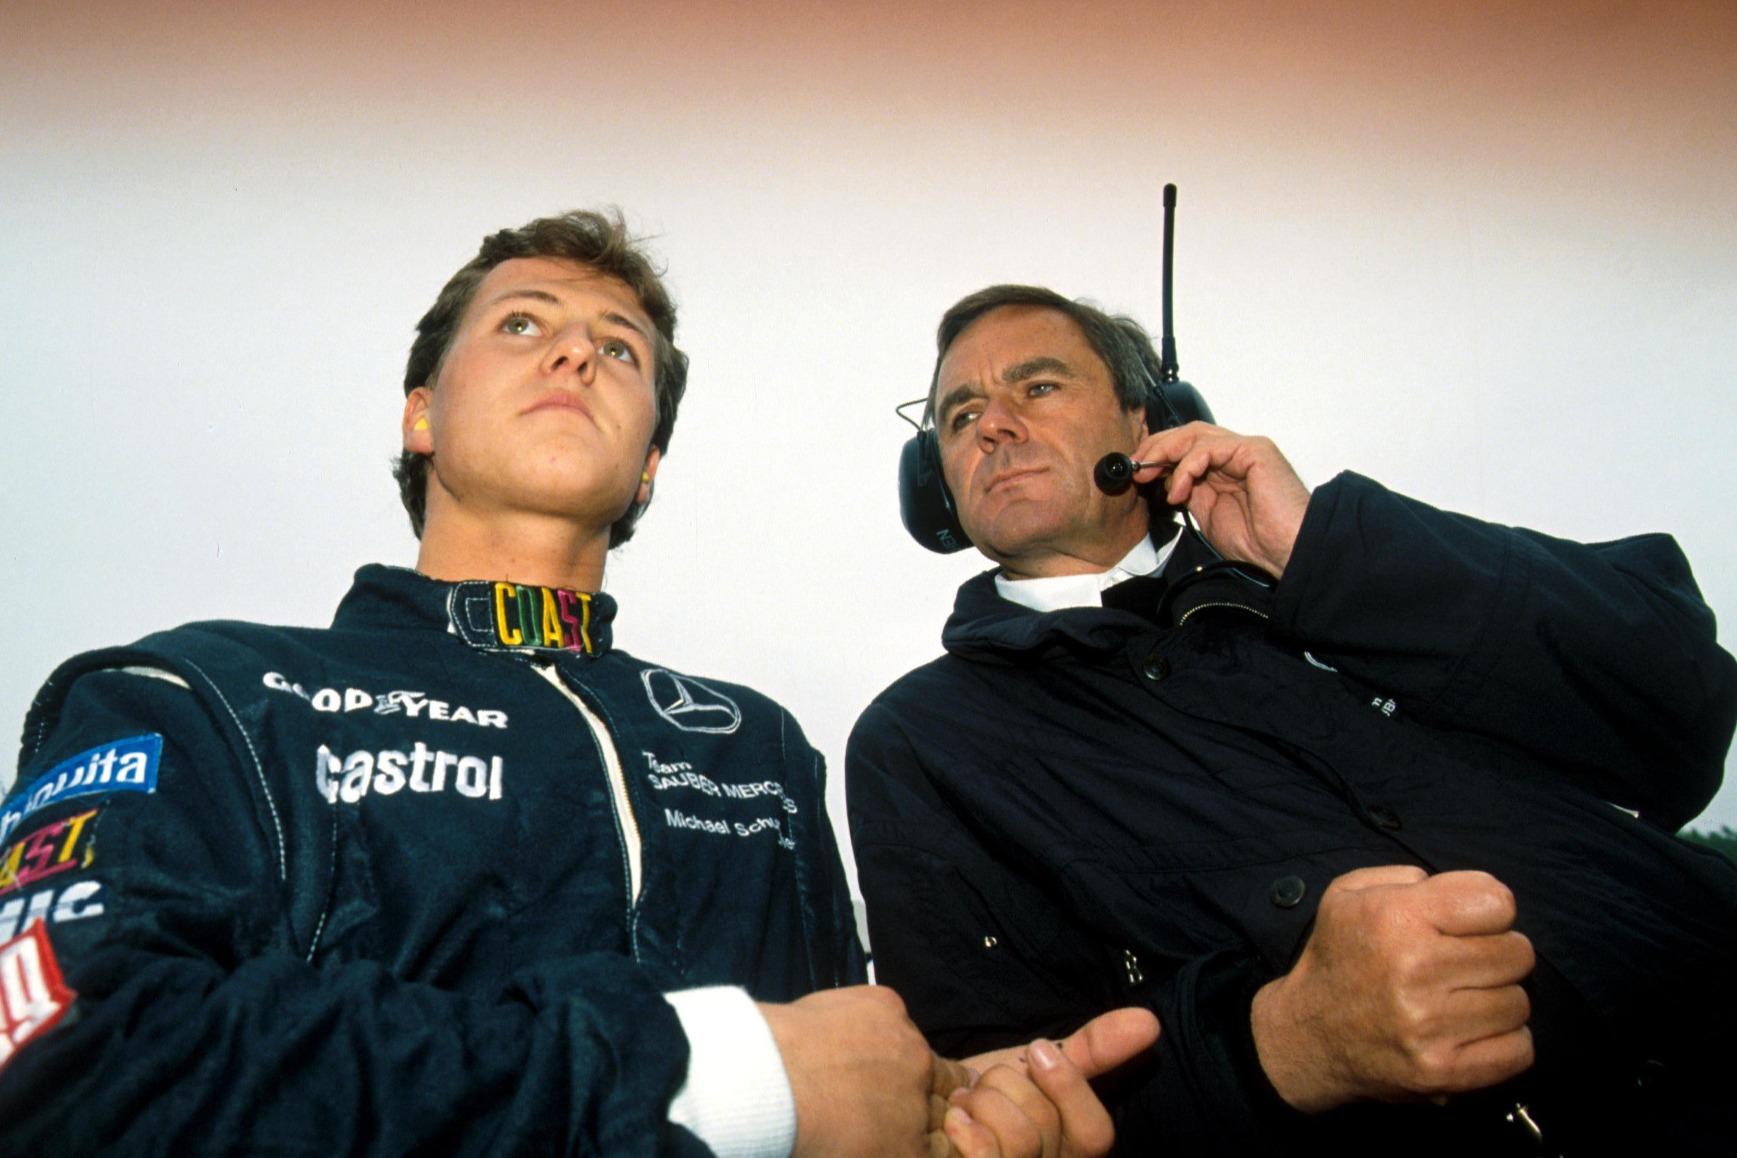 Schumacher's close relationship with Mercedes boss Neerpasch helped him into Jordan seat